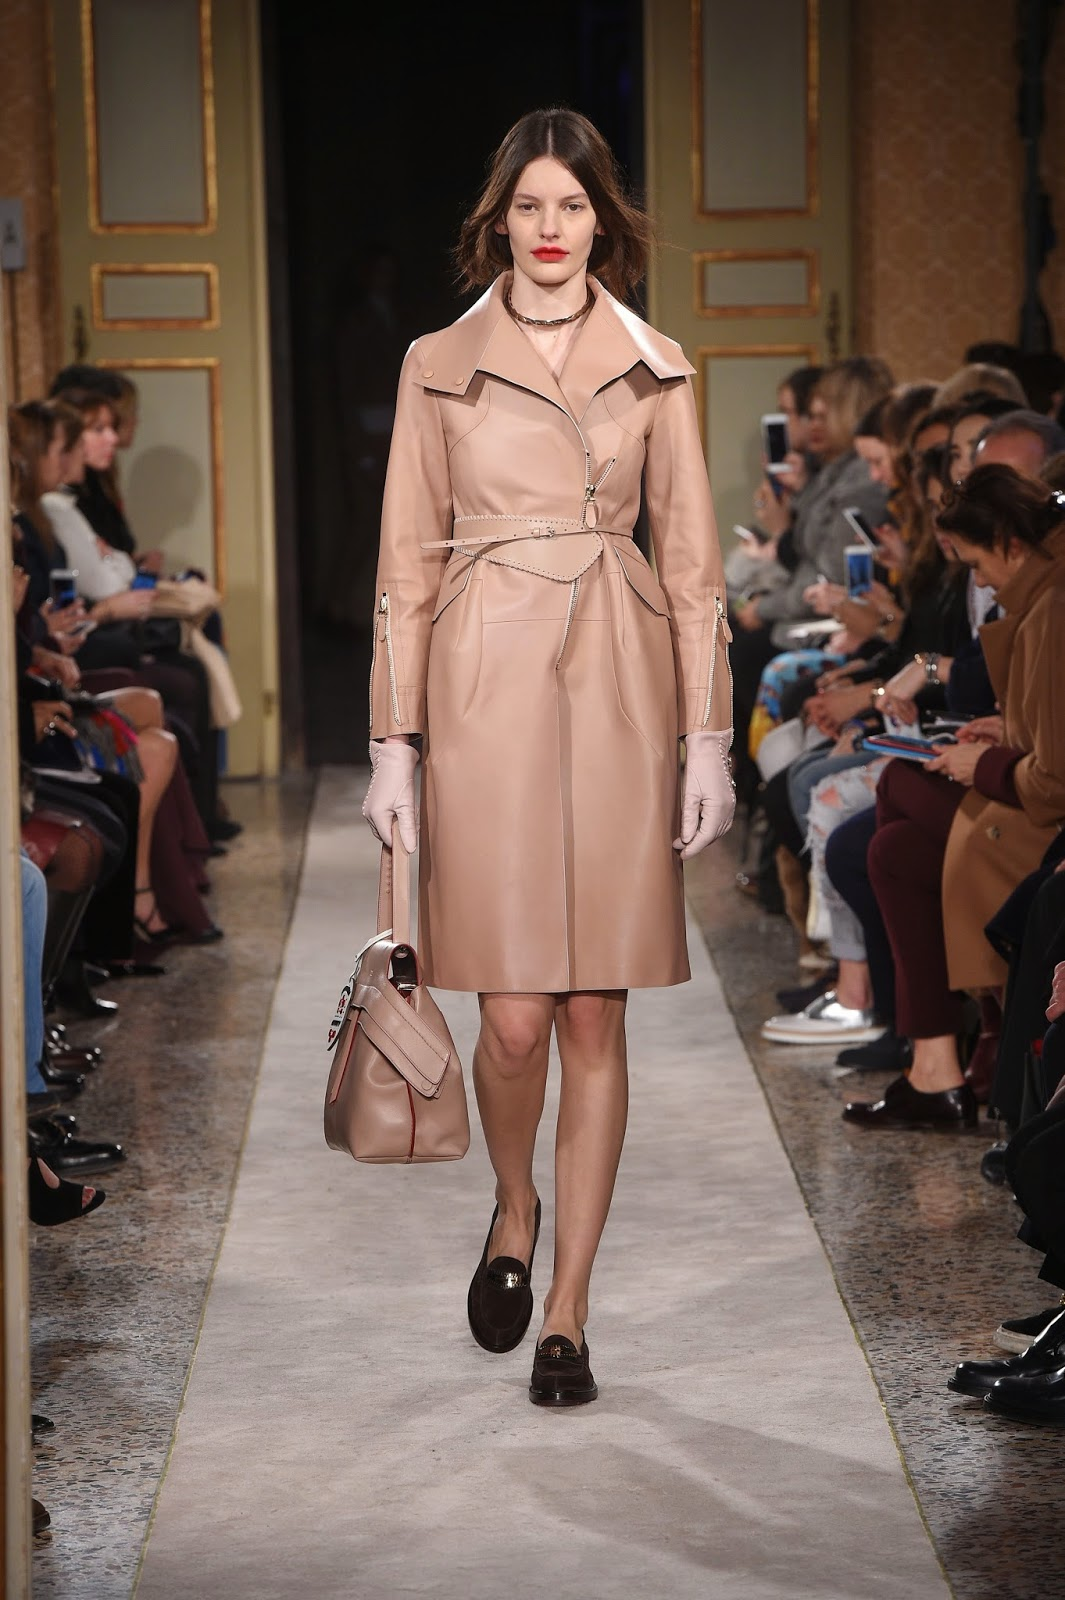 Fashionweek Milano 2015_17